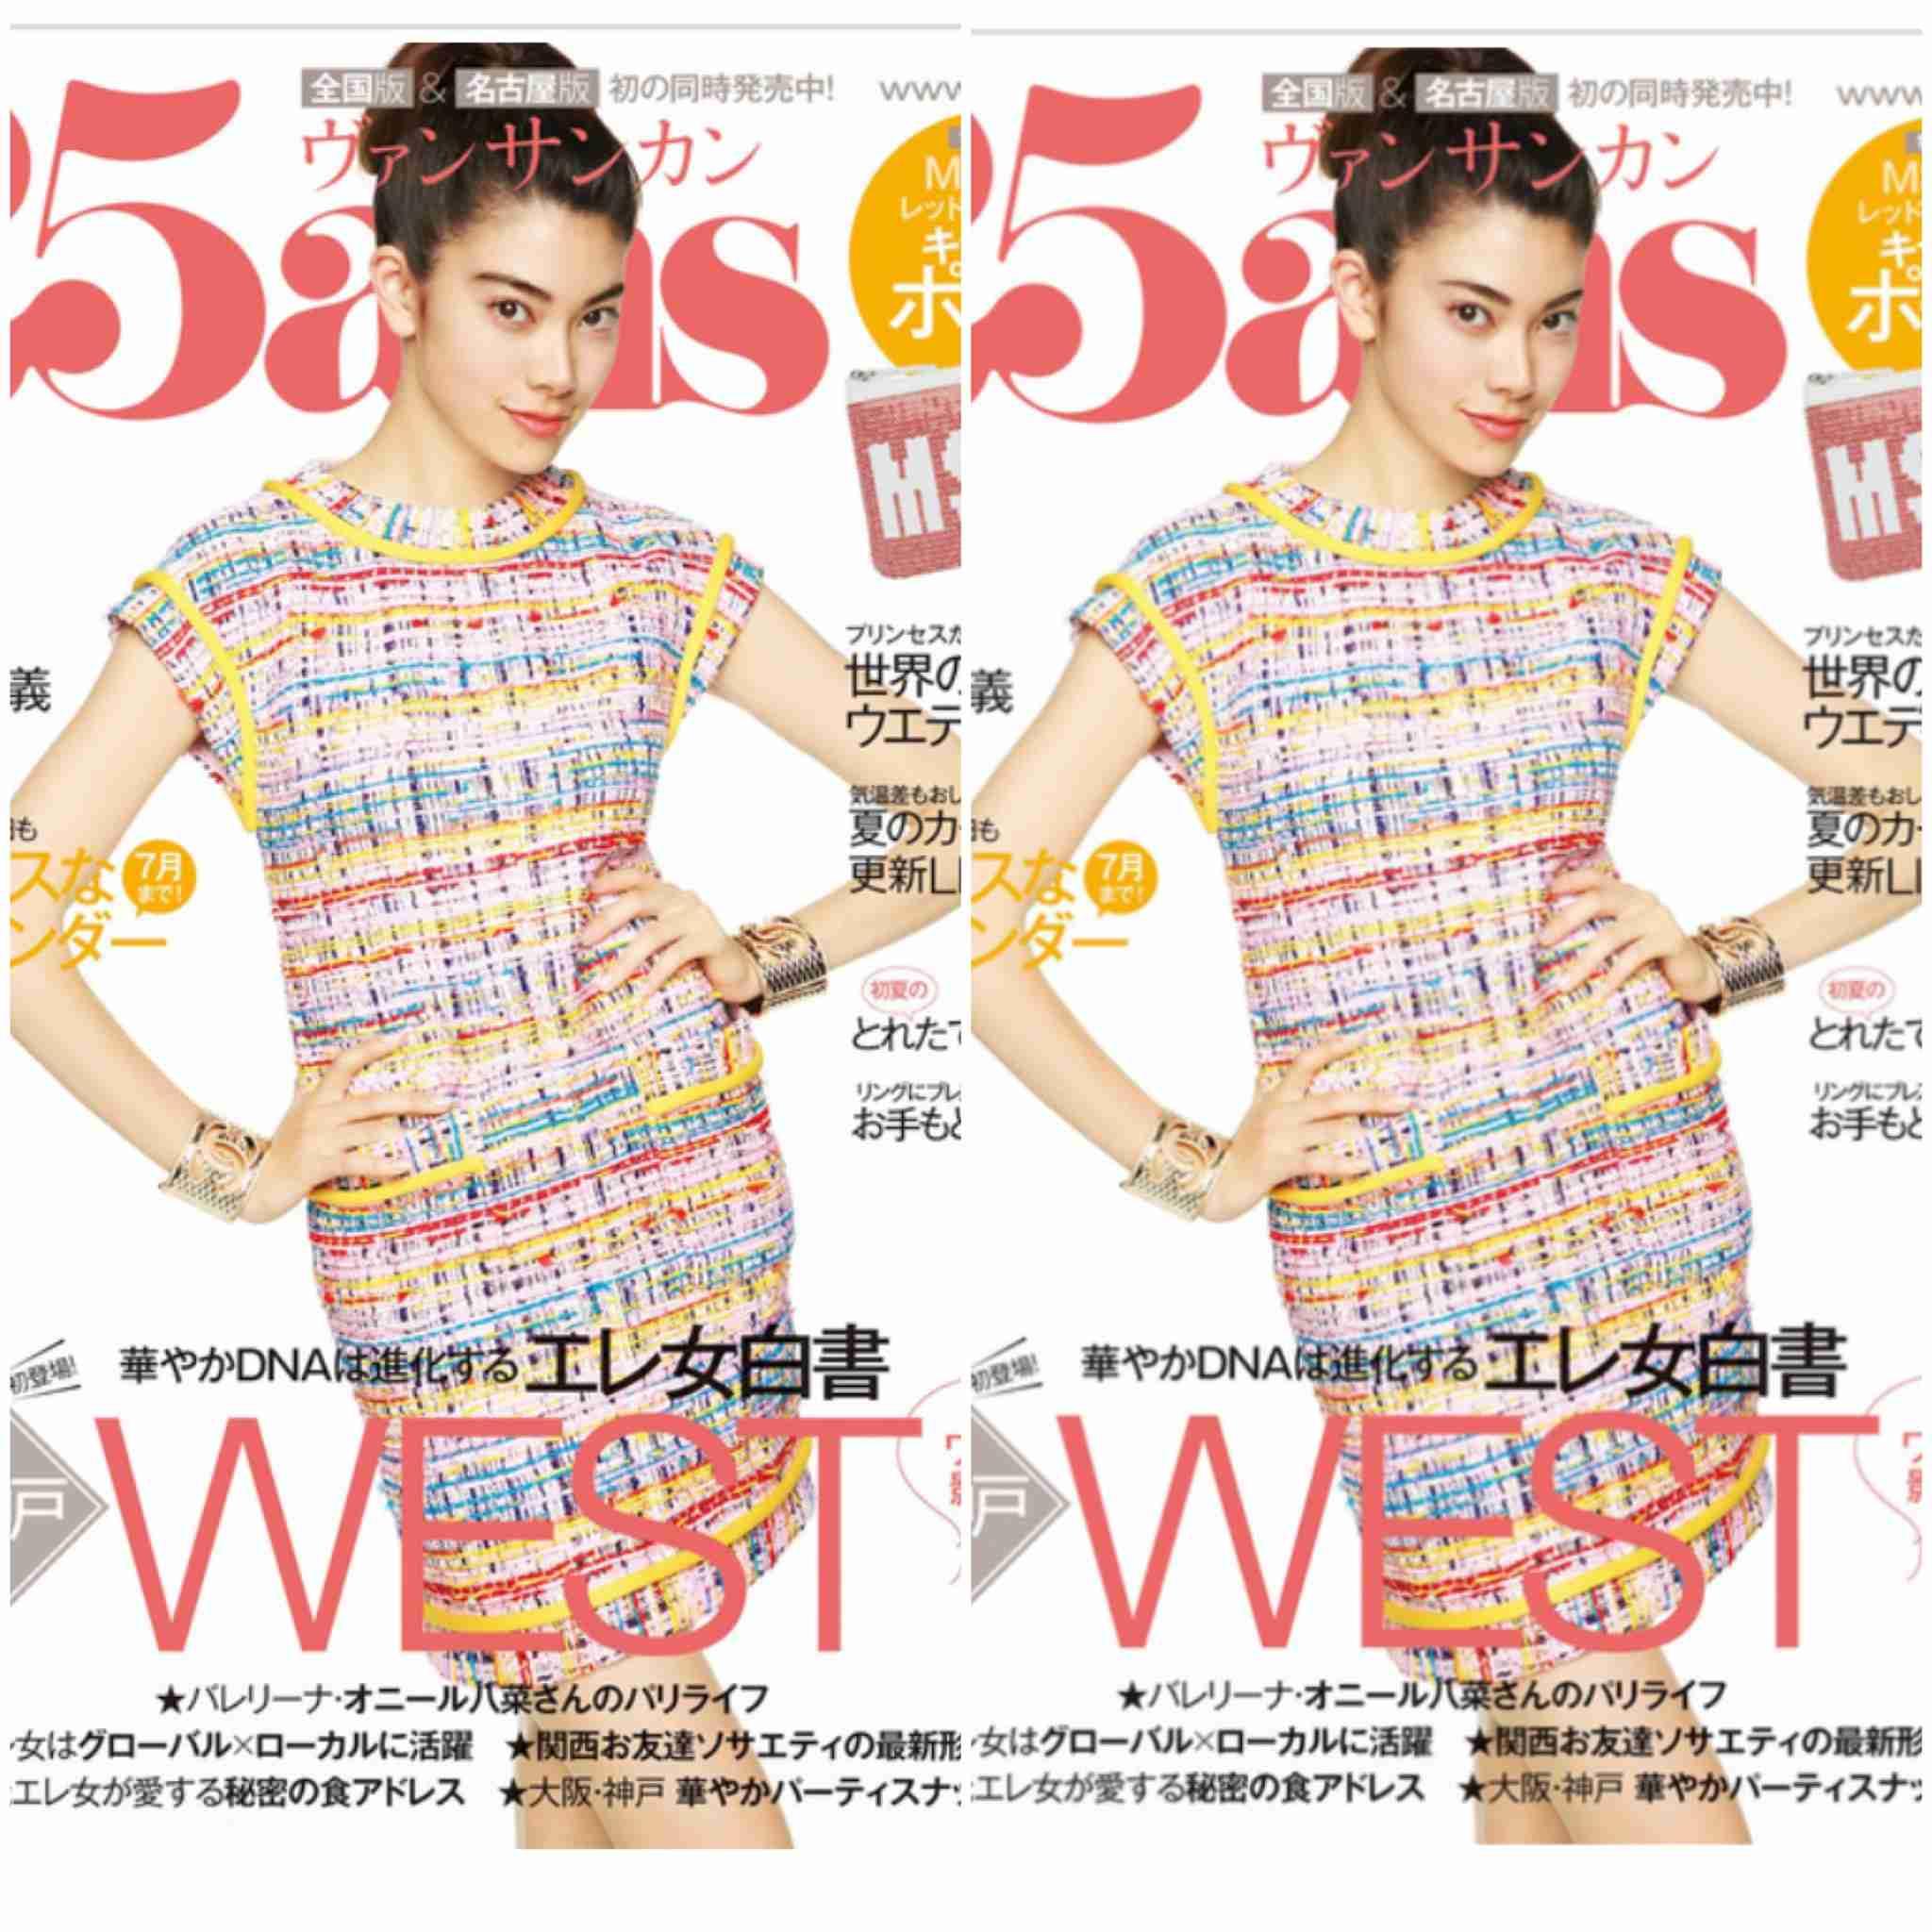 森星、雑誌『25ans』で3パターンの表紙を1人で担当!シャネルのドレスを華やかに着こなす